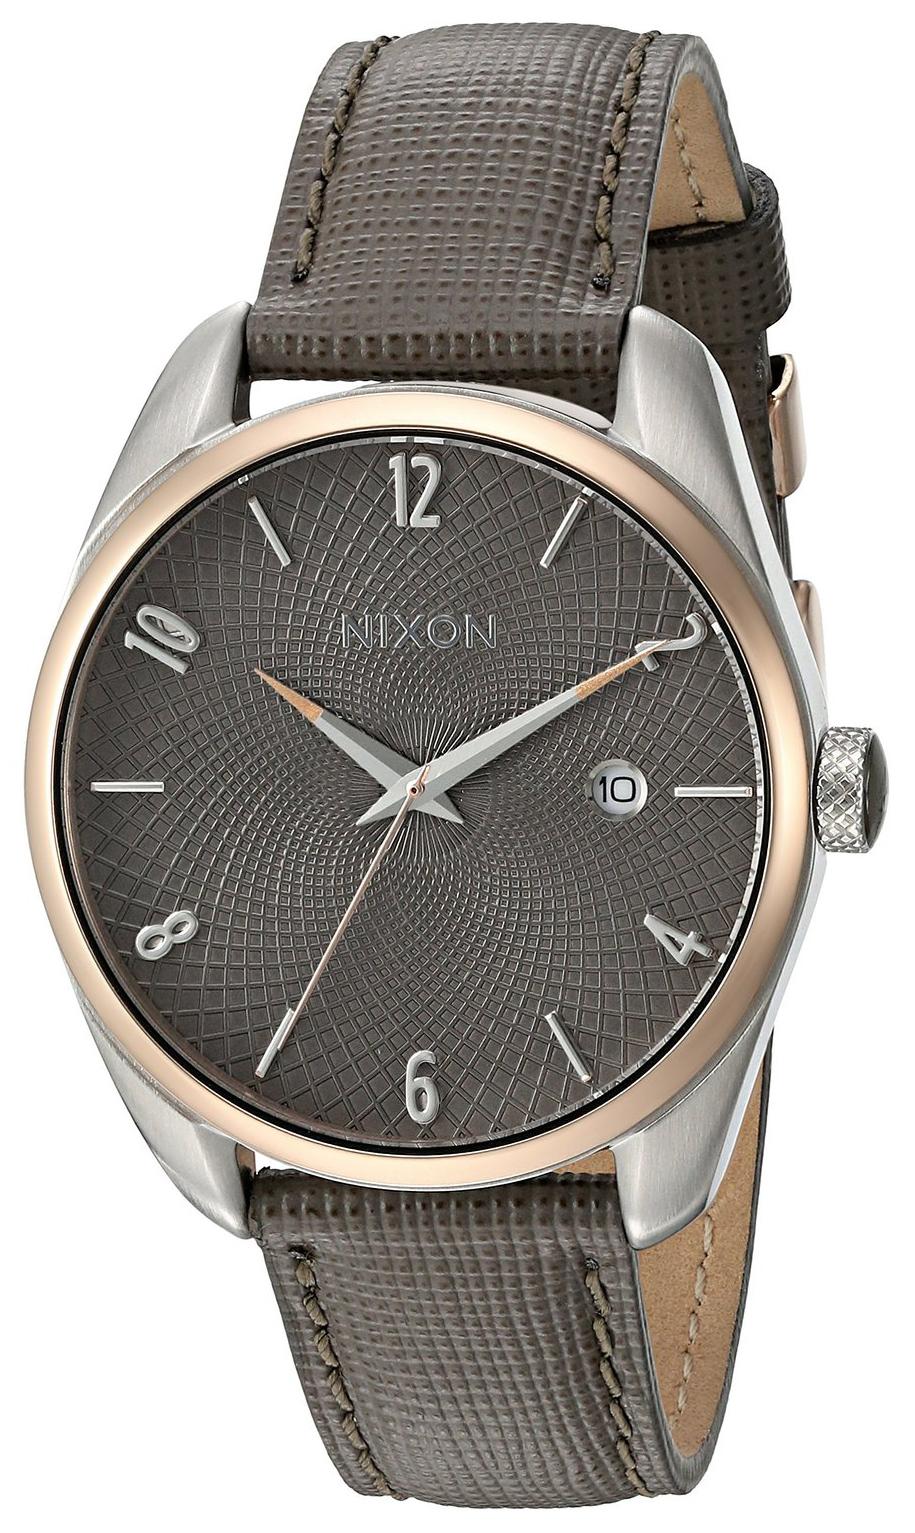 Nixon 99999 Dameklokke A4732214-00 Grå/Lær Ø38 mm - Nixon